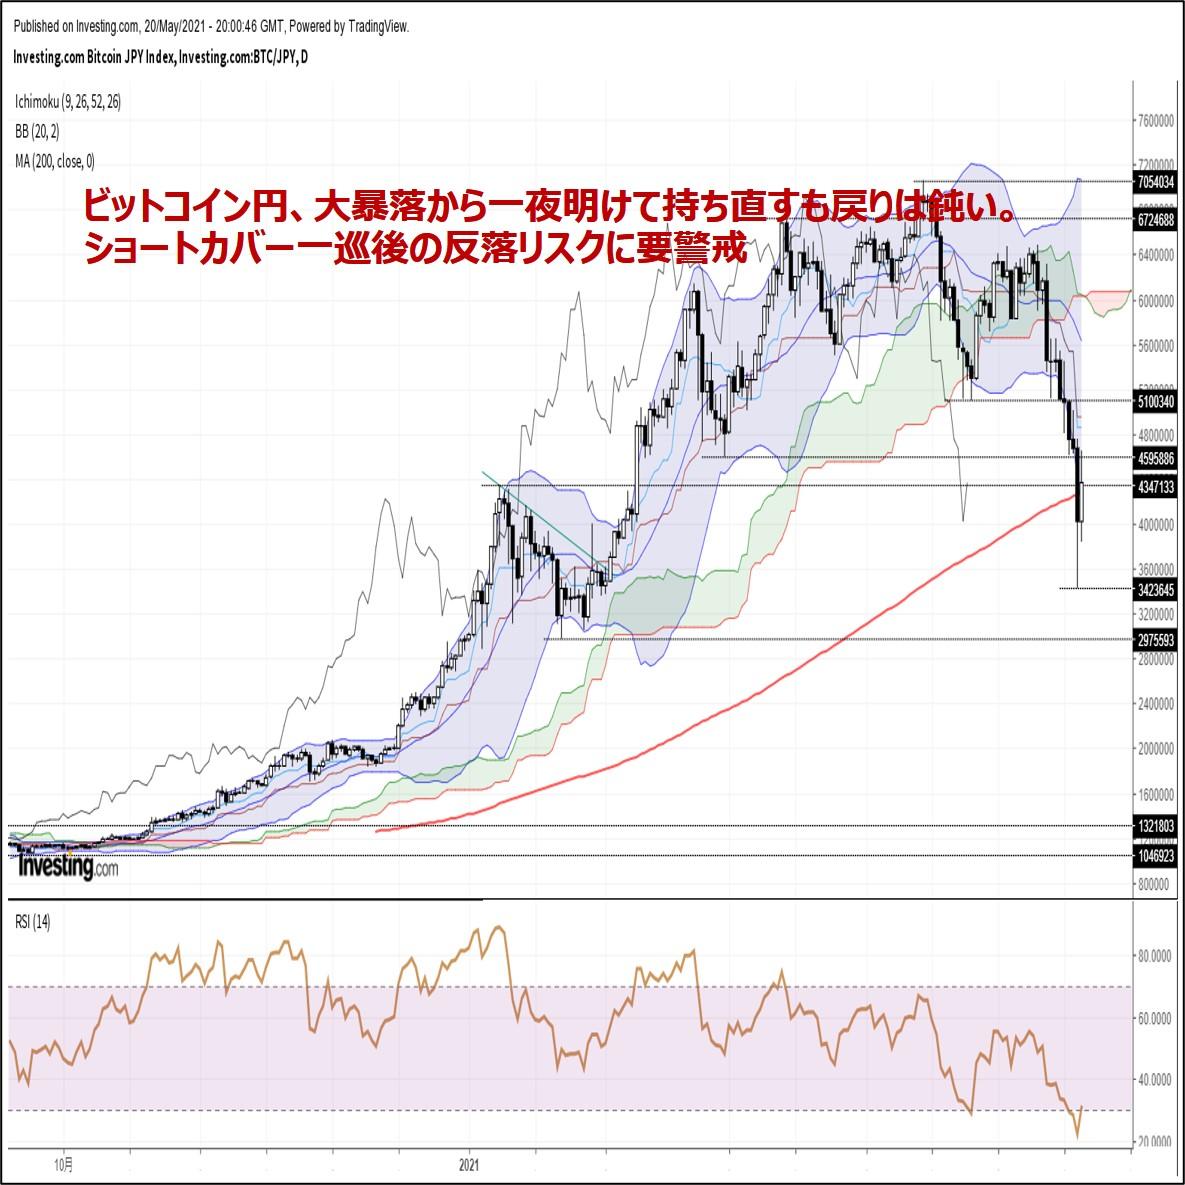 ビットコイン円、大暴落から一夜明けて持ち直すも戻りは鈍い。反落リスクに警戒(5/21朝)